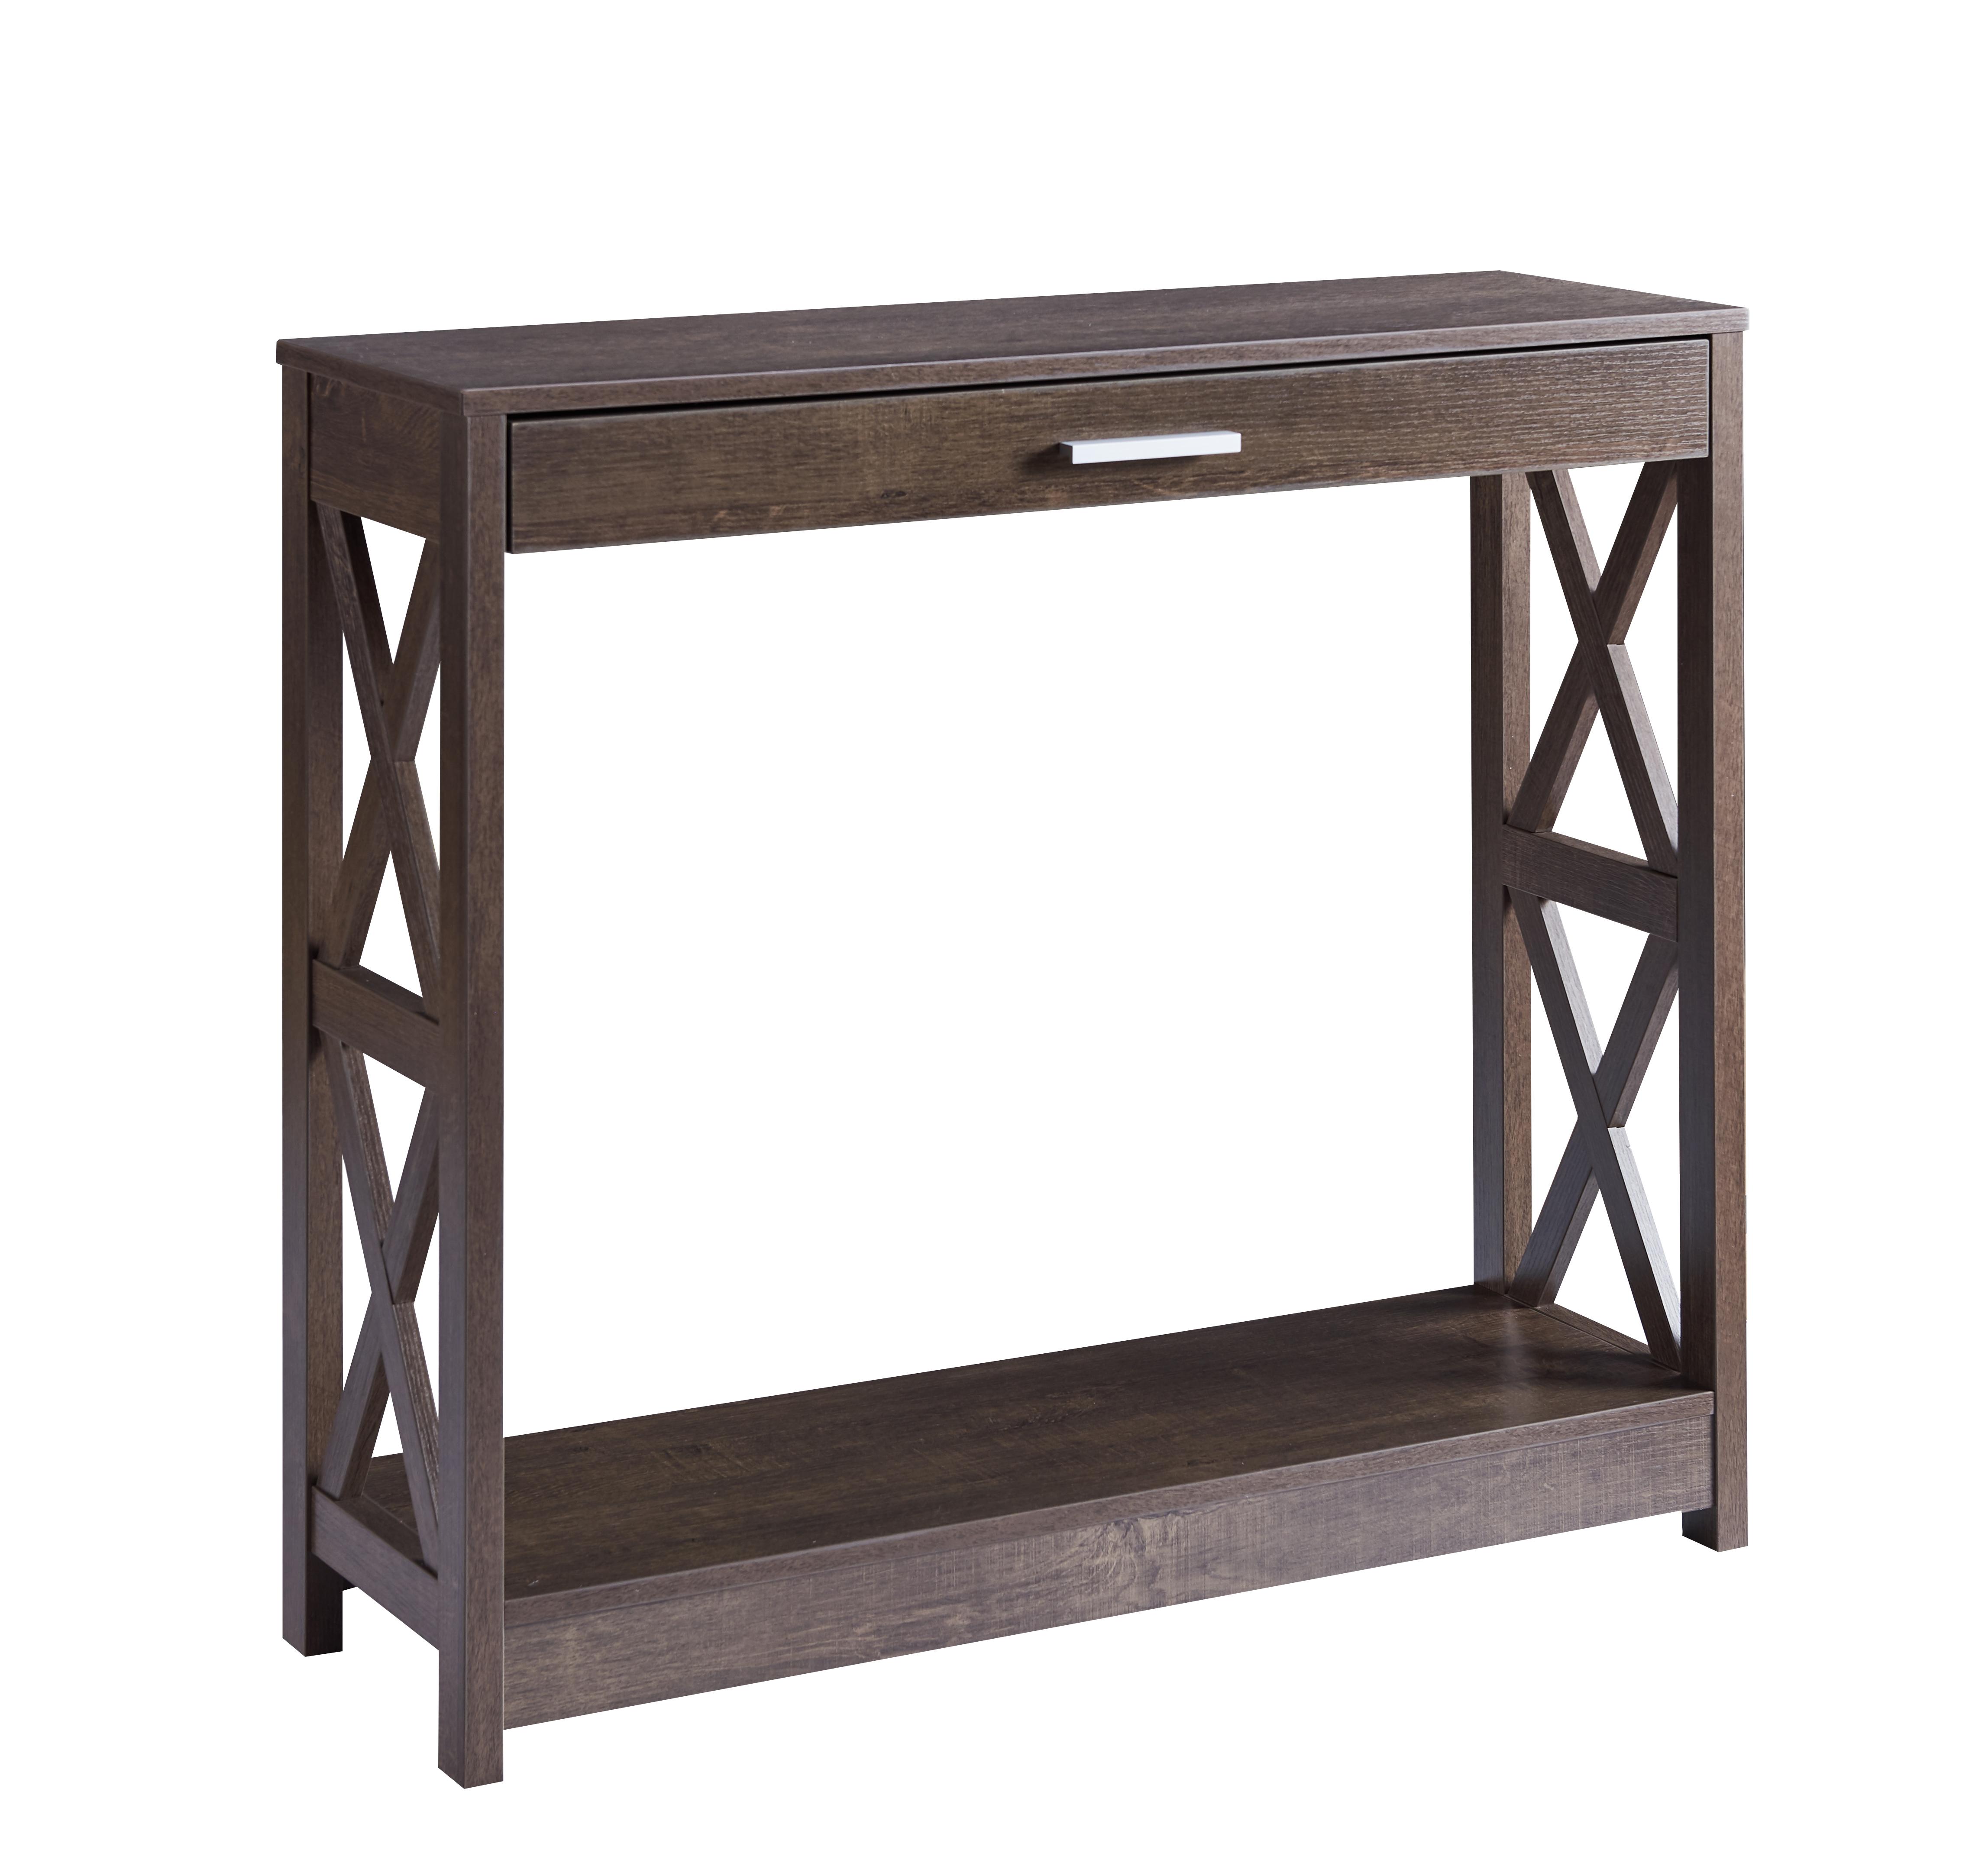 CONSOLE TABLE - WALNUT OAK